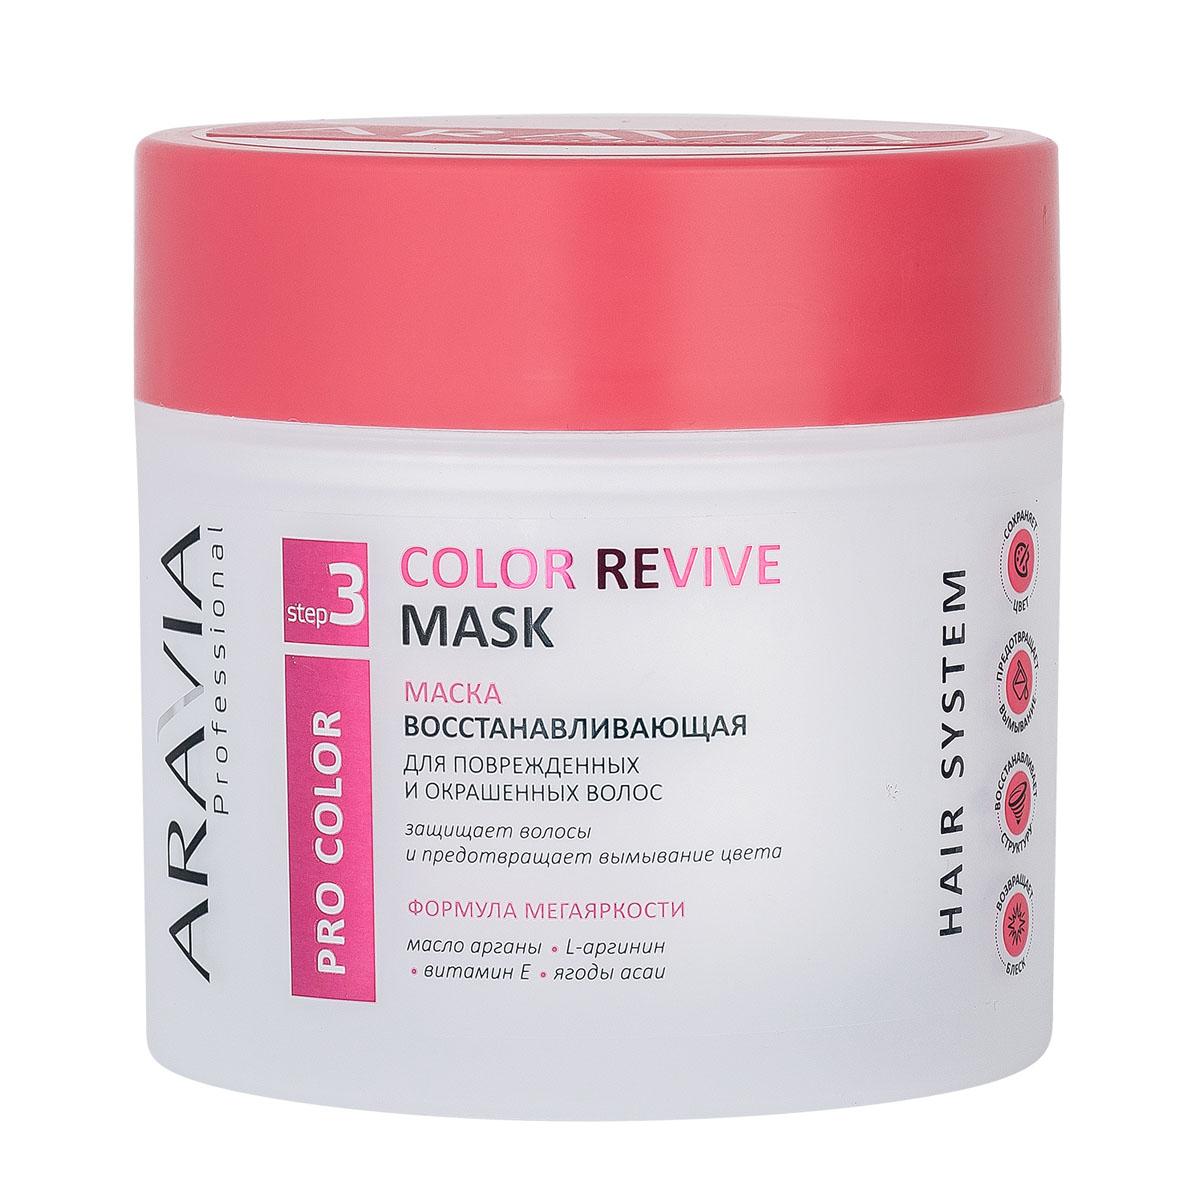 Купить Aravia Professional Маска восстанавливающая для поврежденных и окрашенных волос Color Revive Mask, 300 мл (Aravia Professional, Уход за волосами), Россия